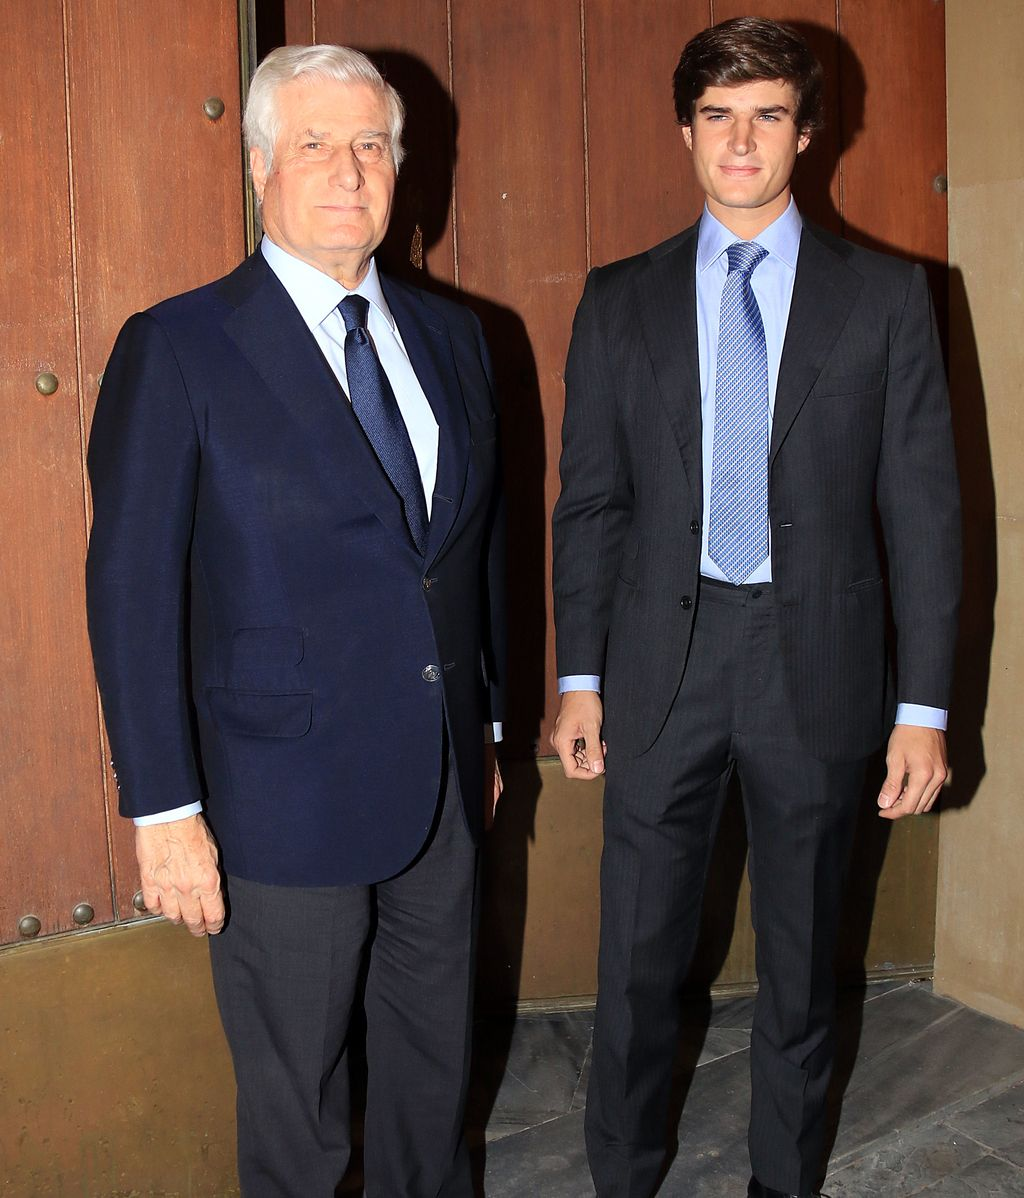 El Duque de Alba, Carlos Fitz-James Stuart, fue acompañado por su hijo